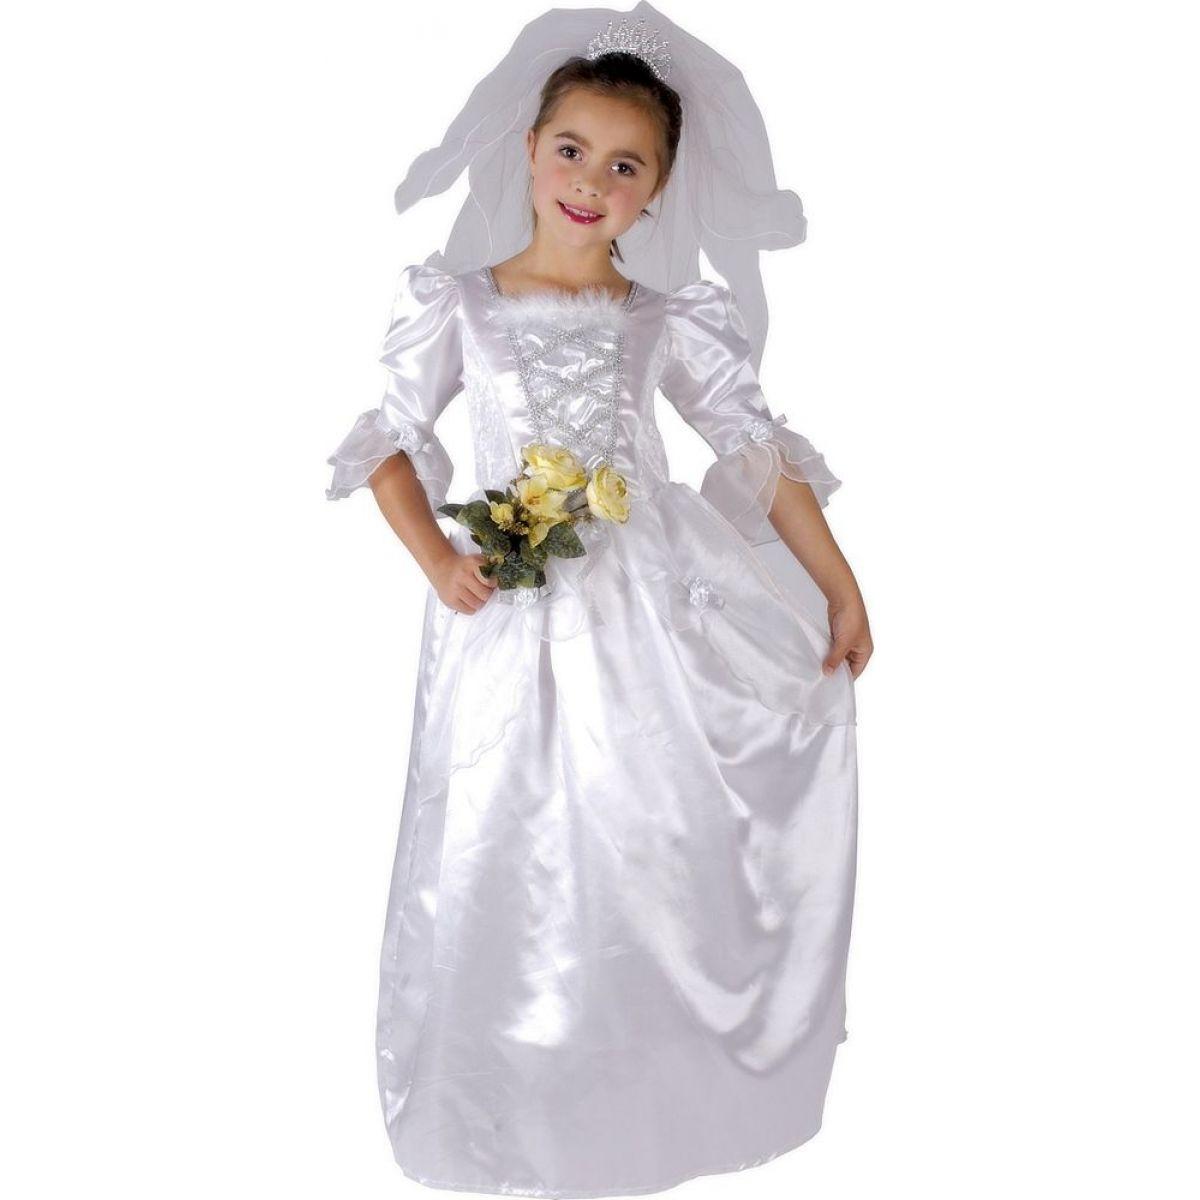 Made Detský kostým Nevesta 110-120cm